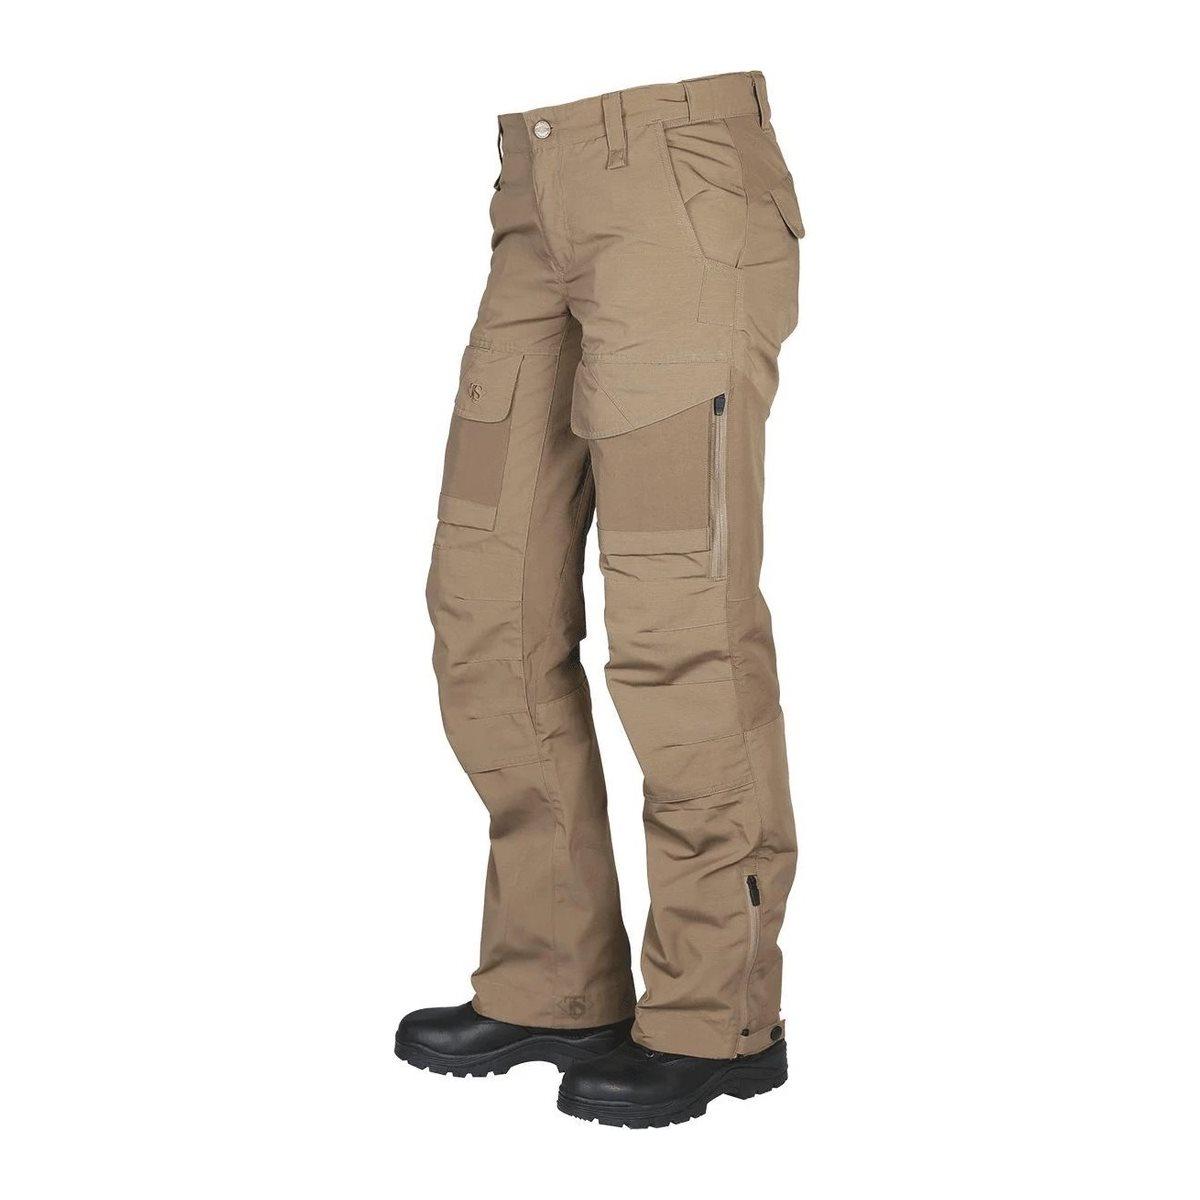 Kalhoty dámské 24-7 SERIES® XPEDITION rip-stop COYOTE - zvìtšit obrázek